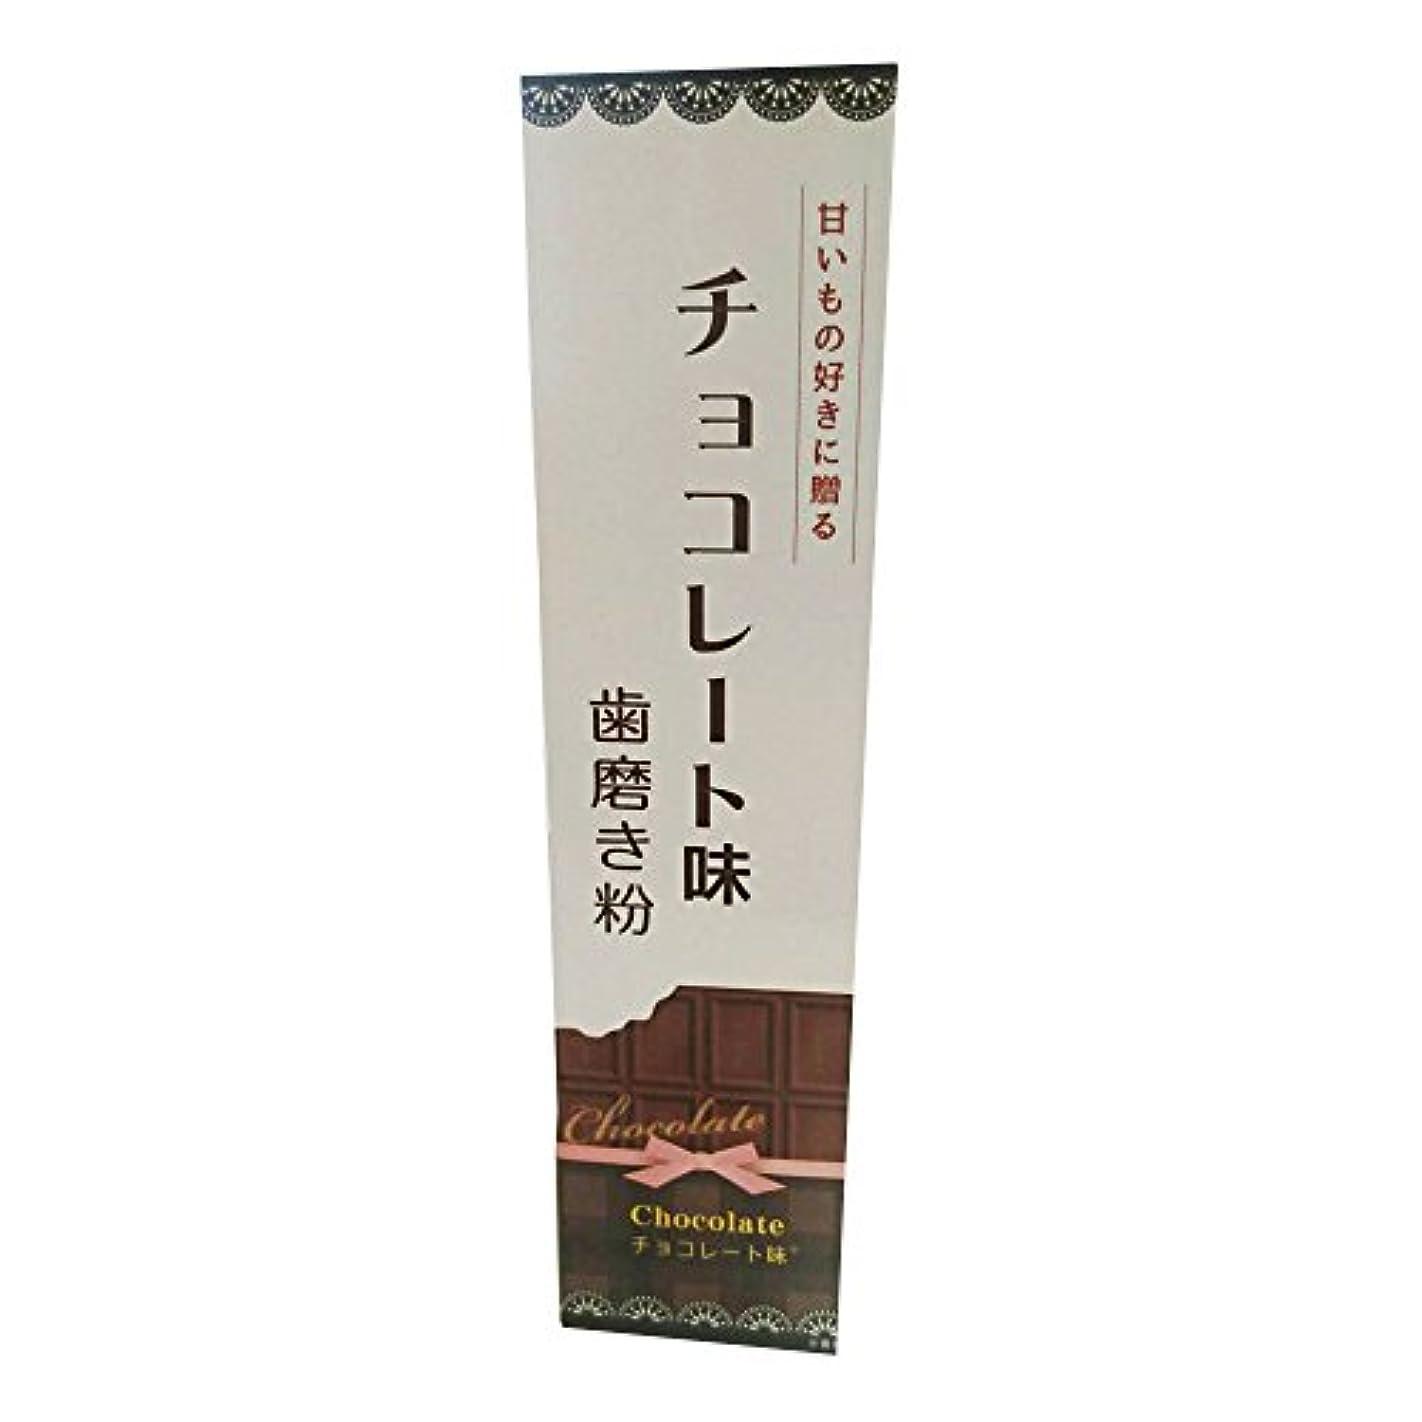 のれん熱狂的なアーカイブフレーバー歯磨き粉チョコレート味 70g